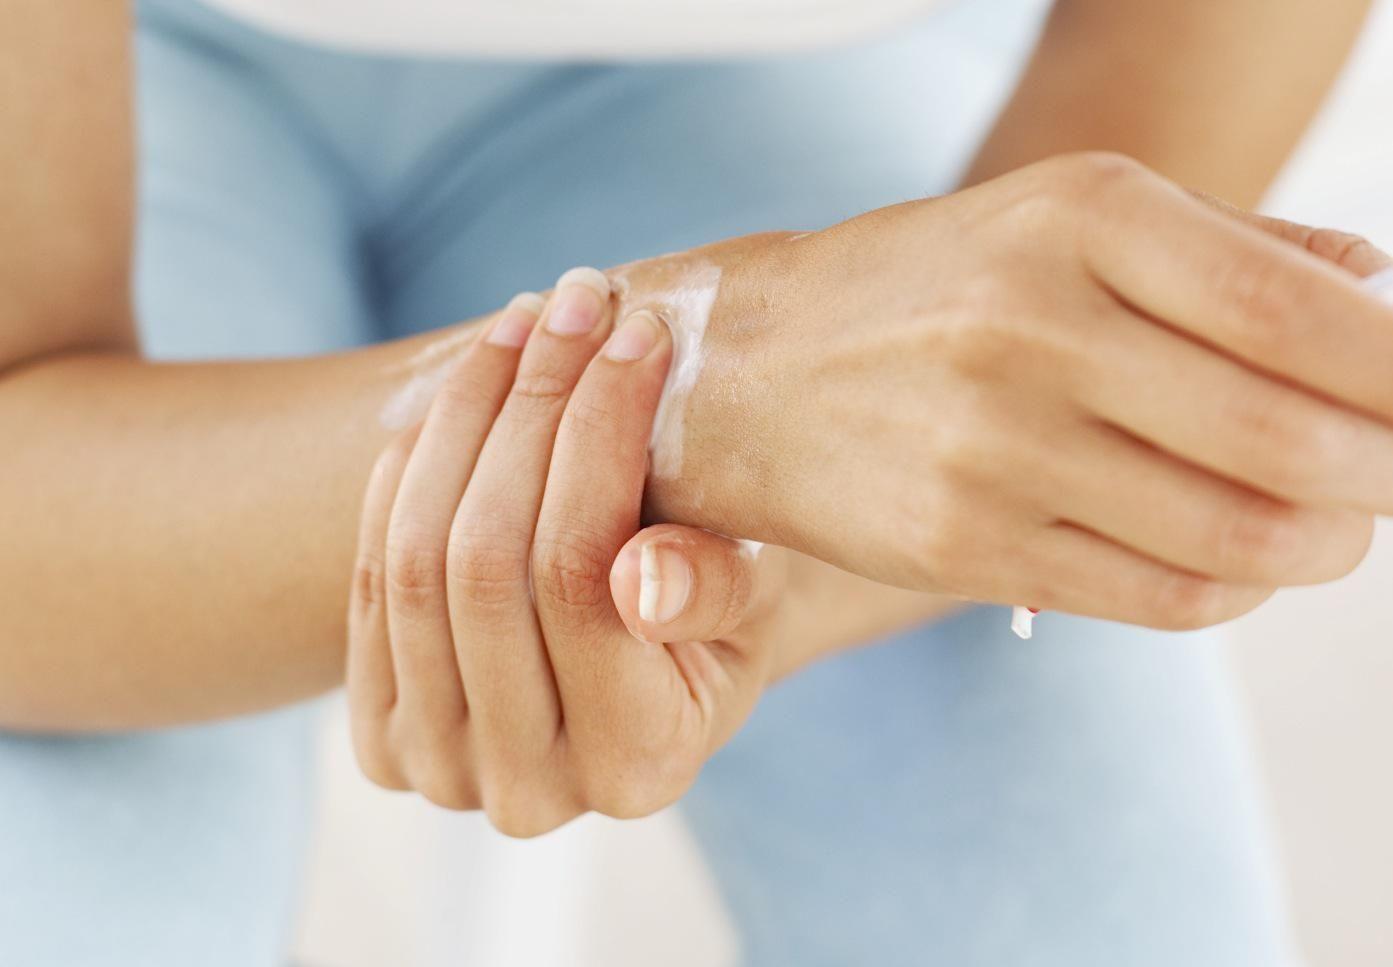 térdbetegségek és tünetek megkezdődik a csípő dysplasia kezelése